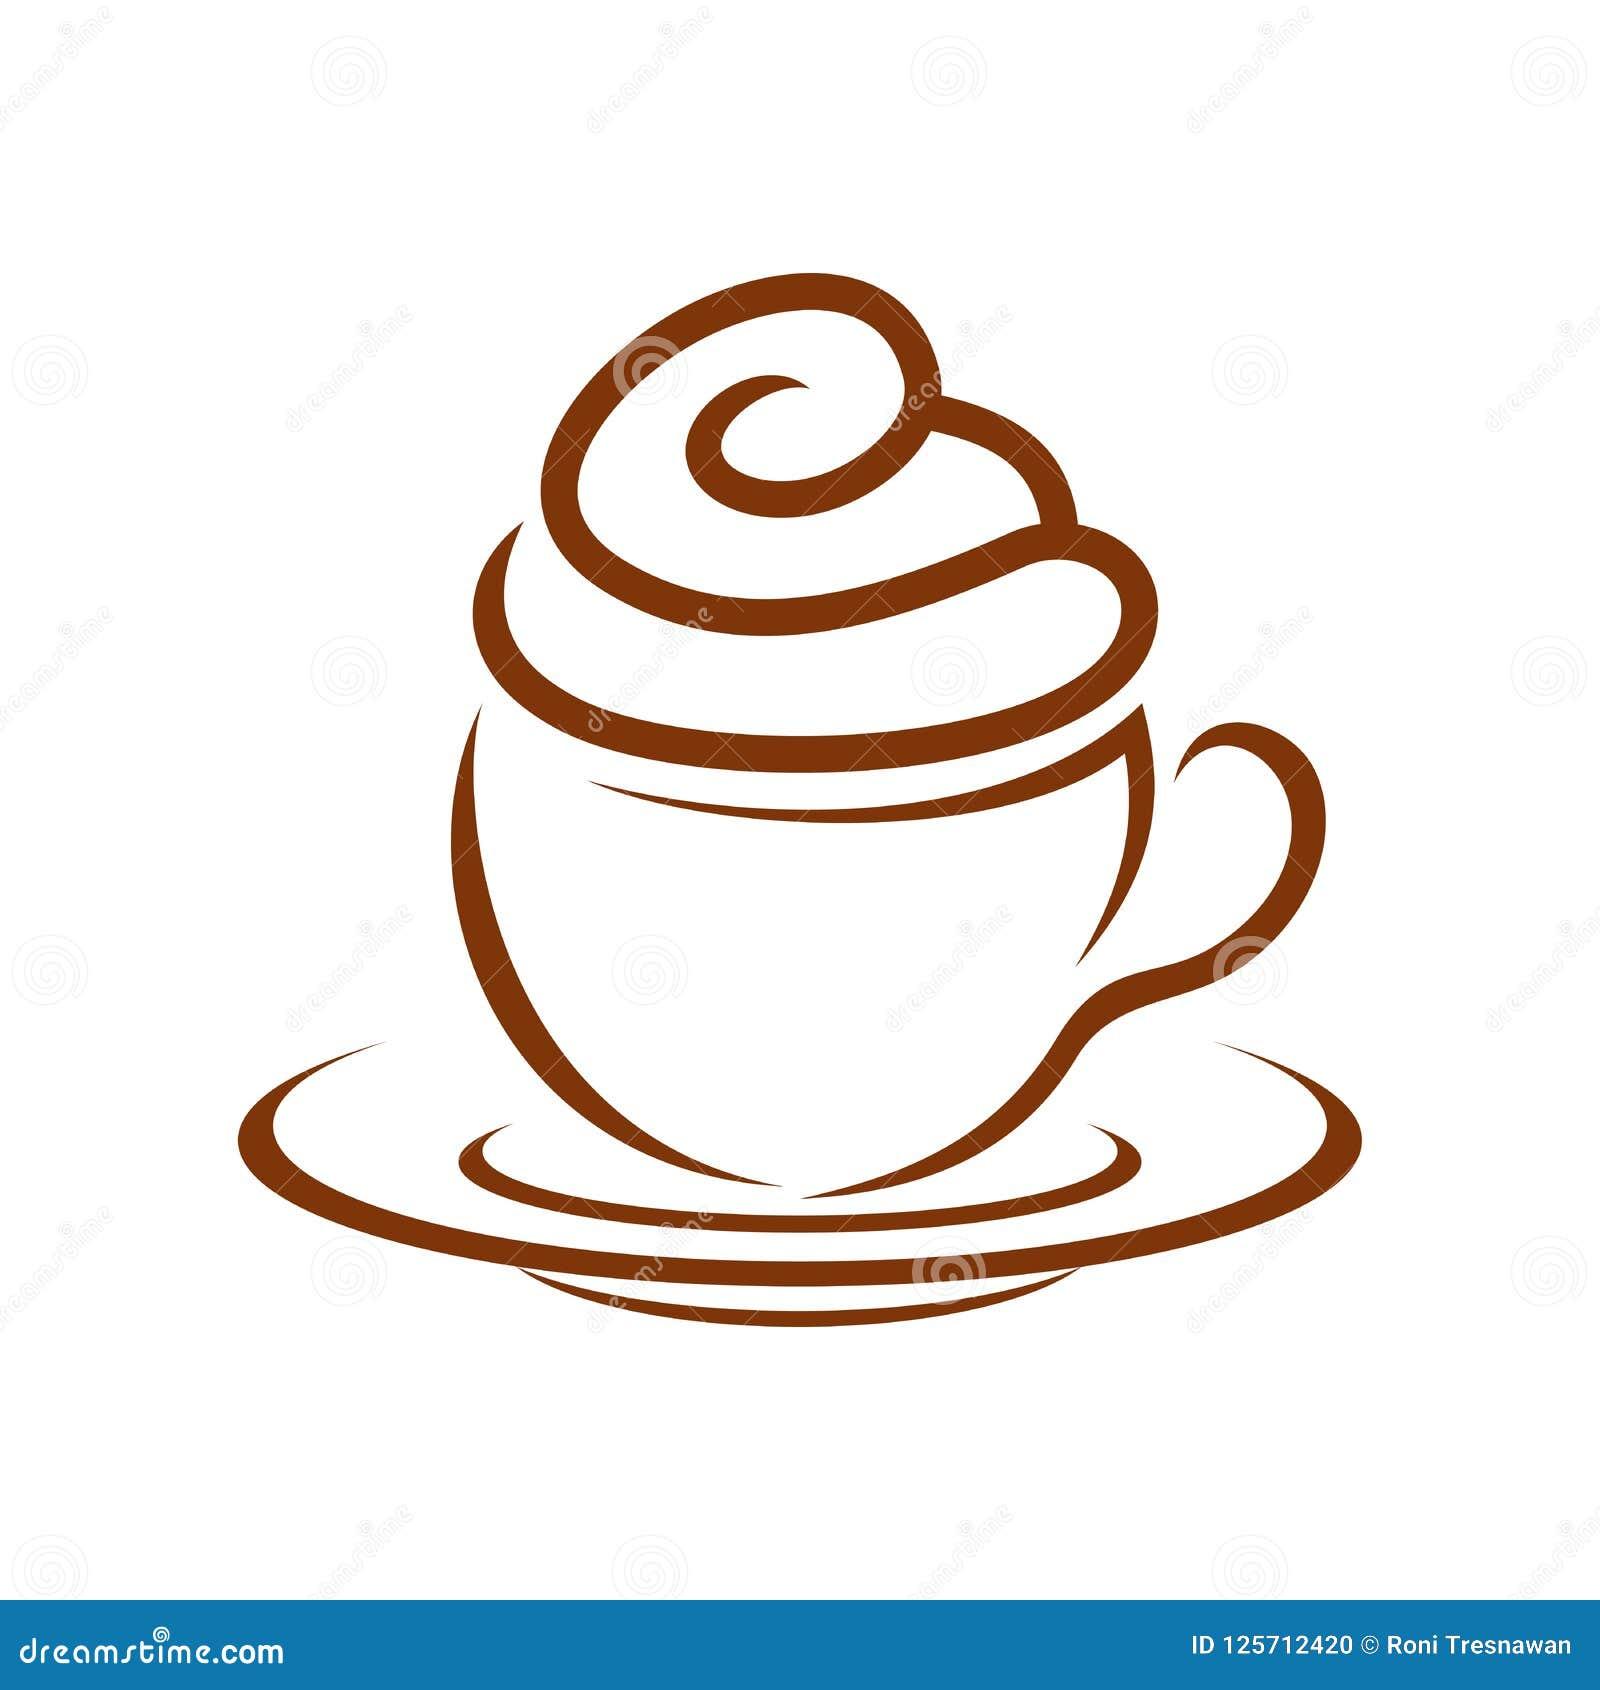 Koffie Cupcake Whip Cream Breakfast Symbol Design